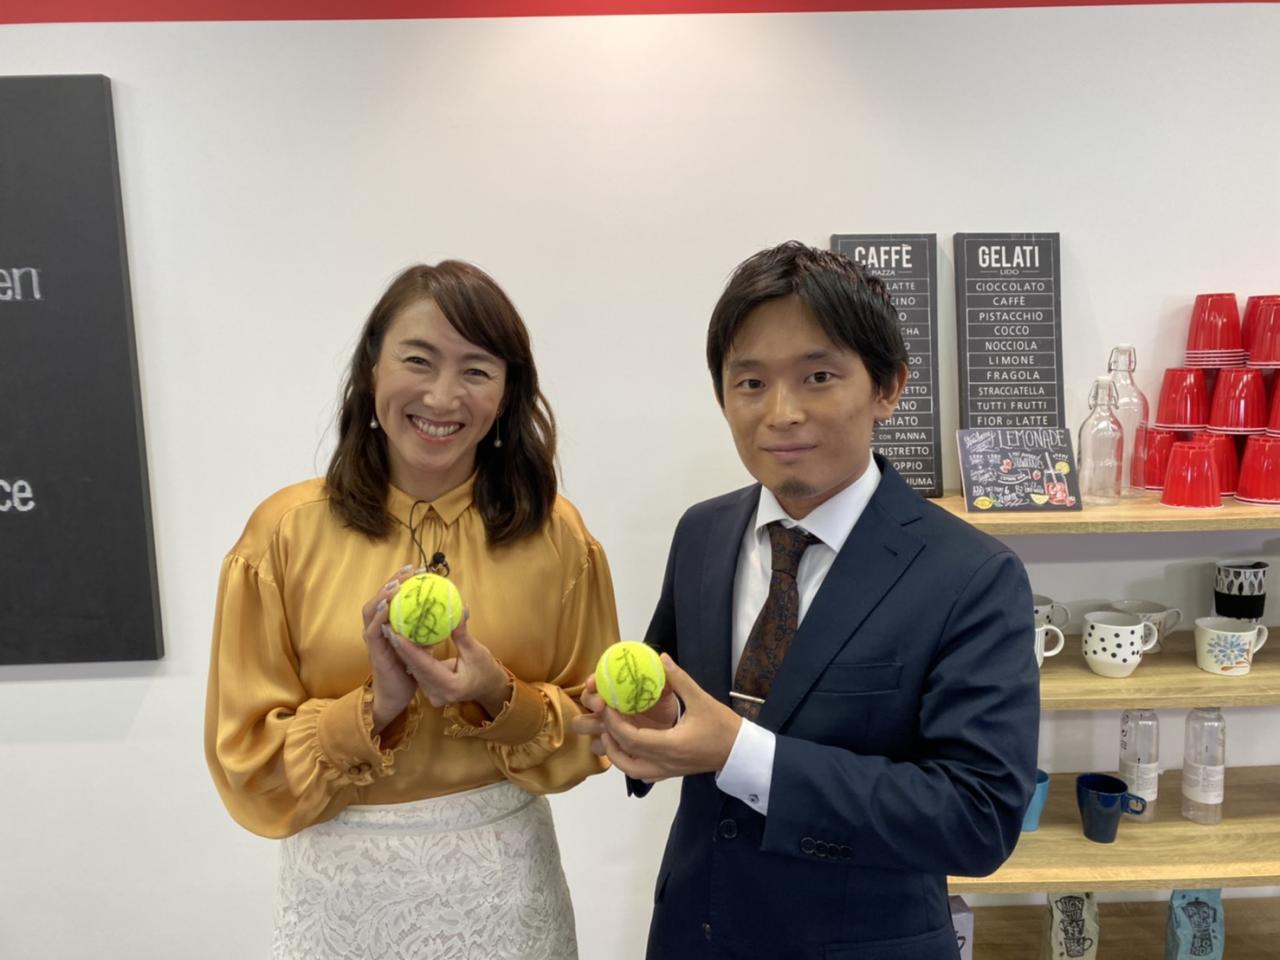 元プロテニス選手 杉山愛さんと当社代表西澤 裕倖